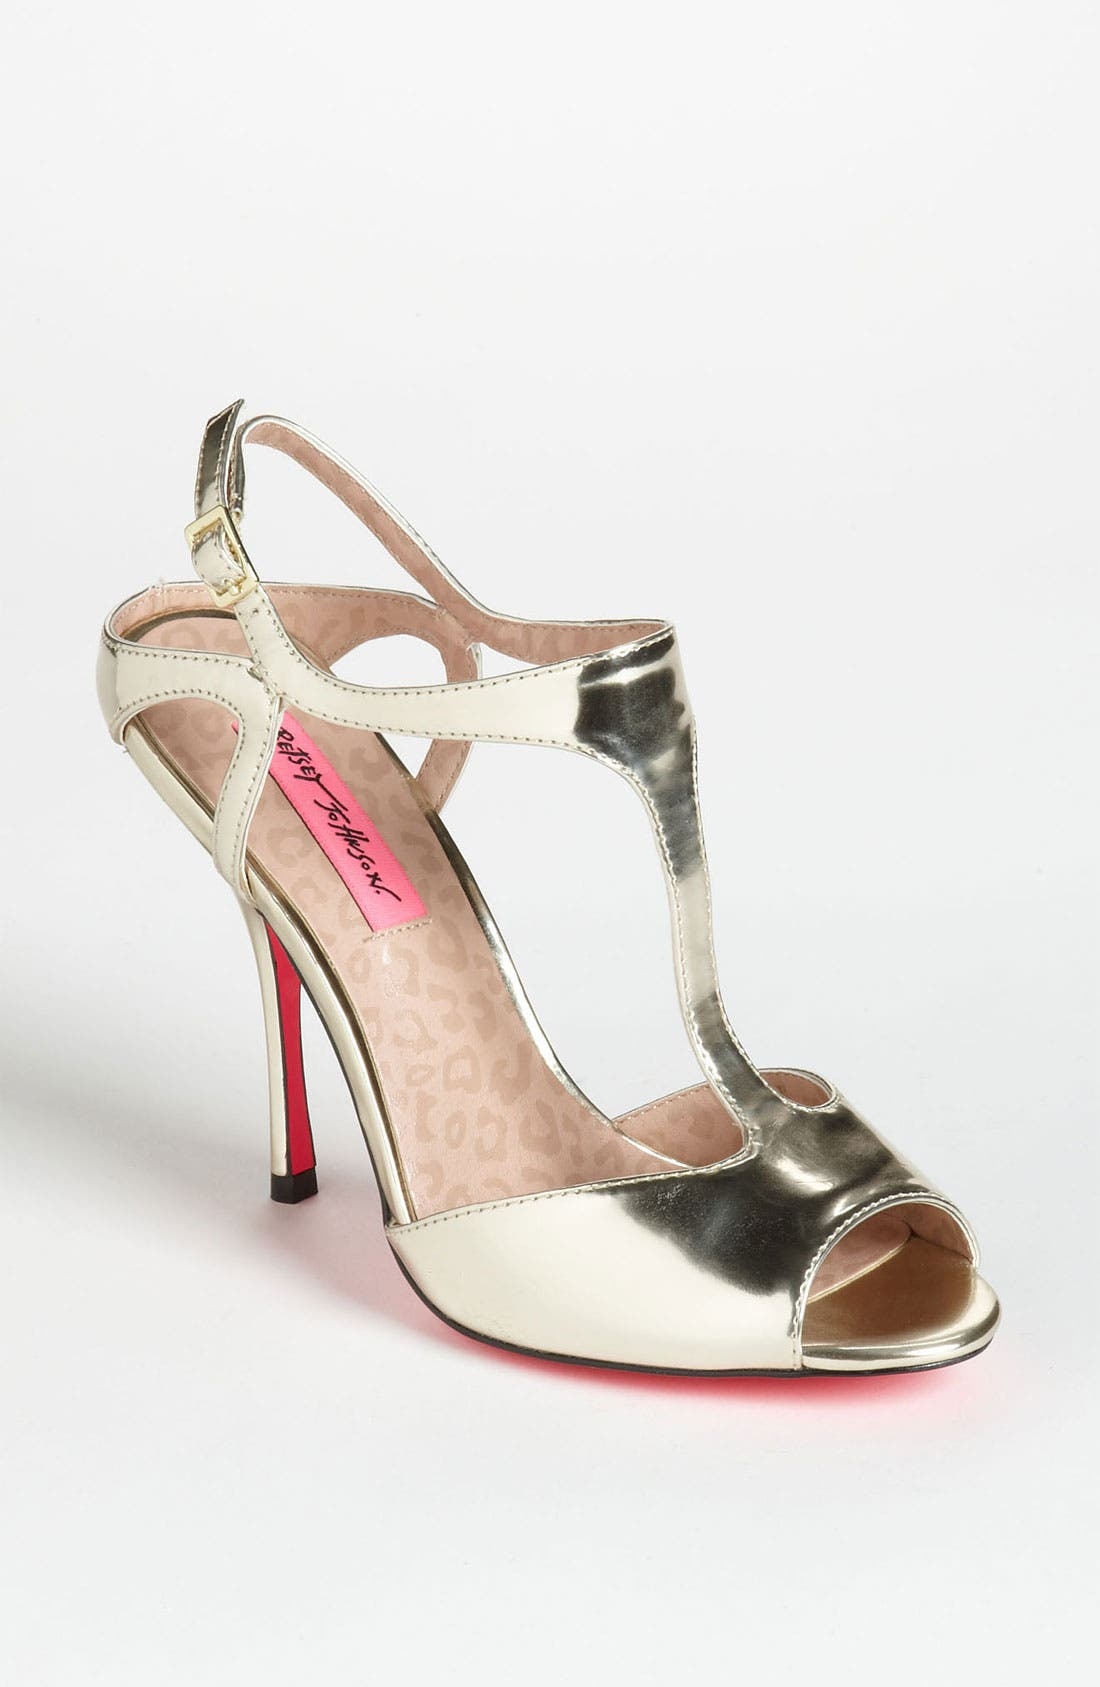 Alternate Image 1 Selected - Betsey Johnson 'Blonddee' Sandal